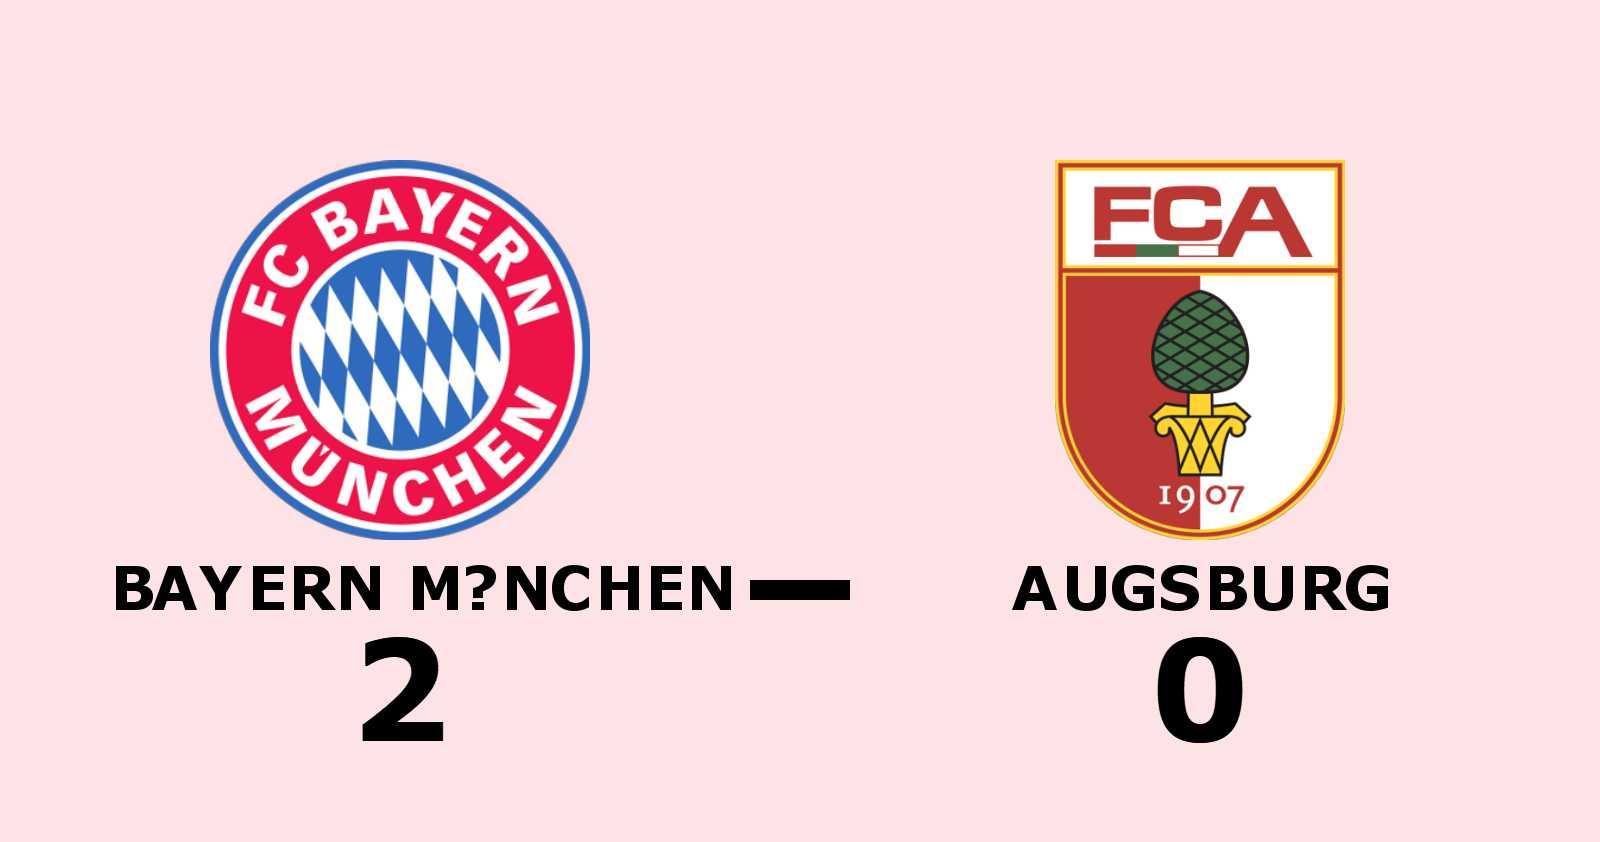 Bayern München utökar serieledningen efter ny seger